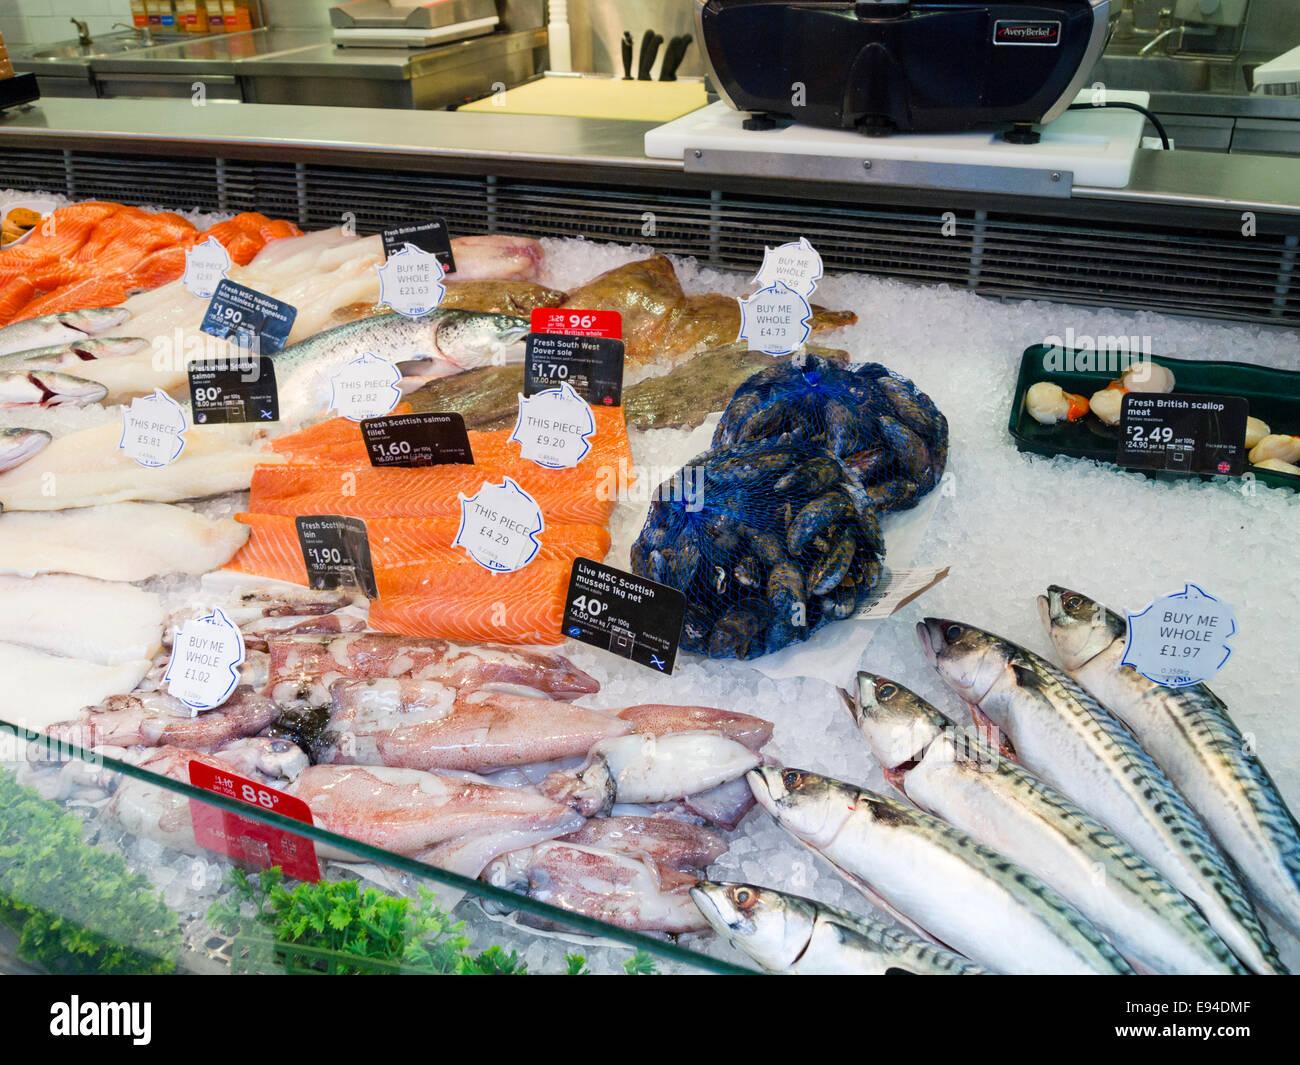 Sainsburys supermarket fish counter, England, UK - Stock Image